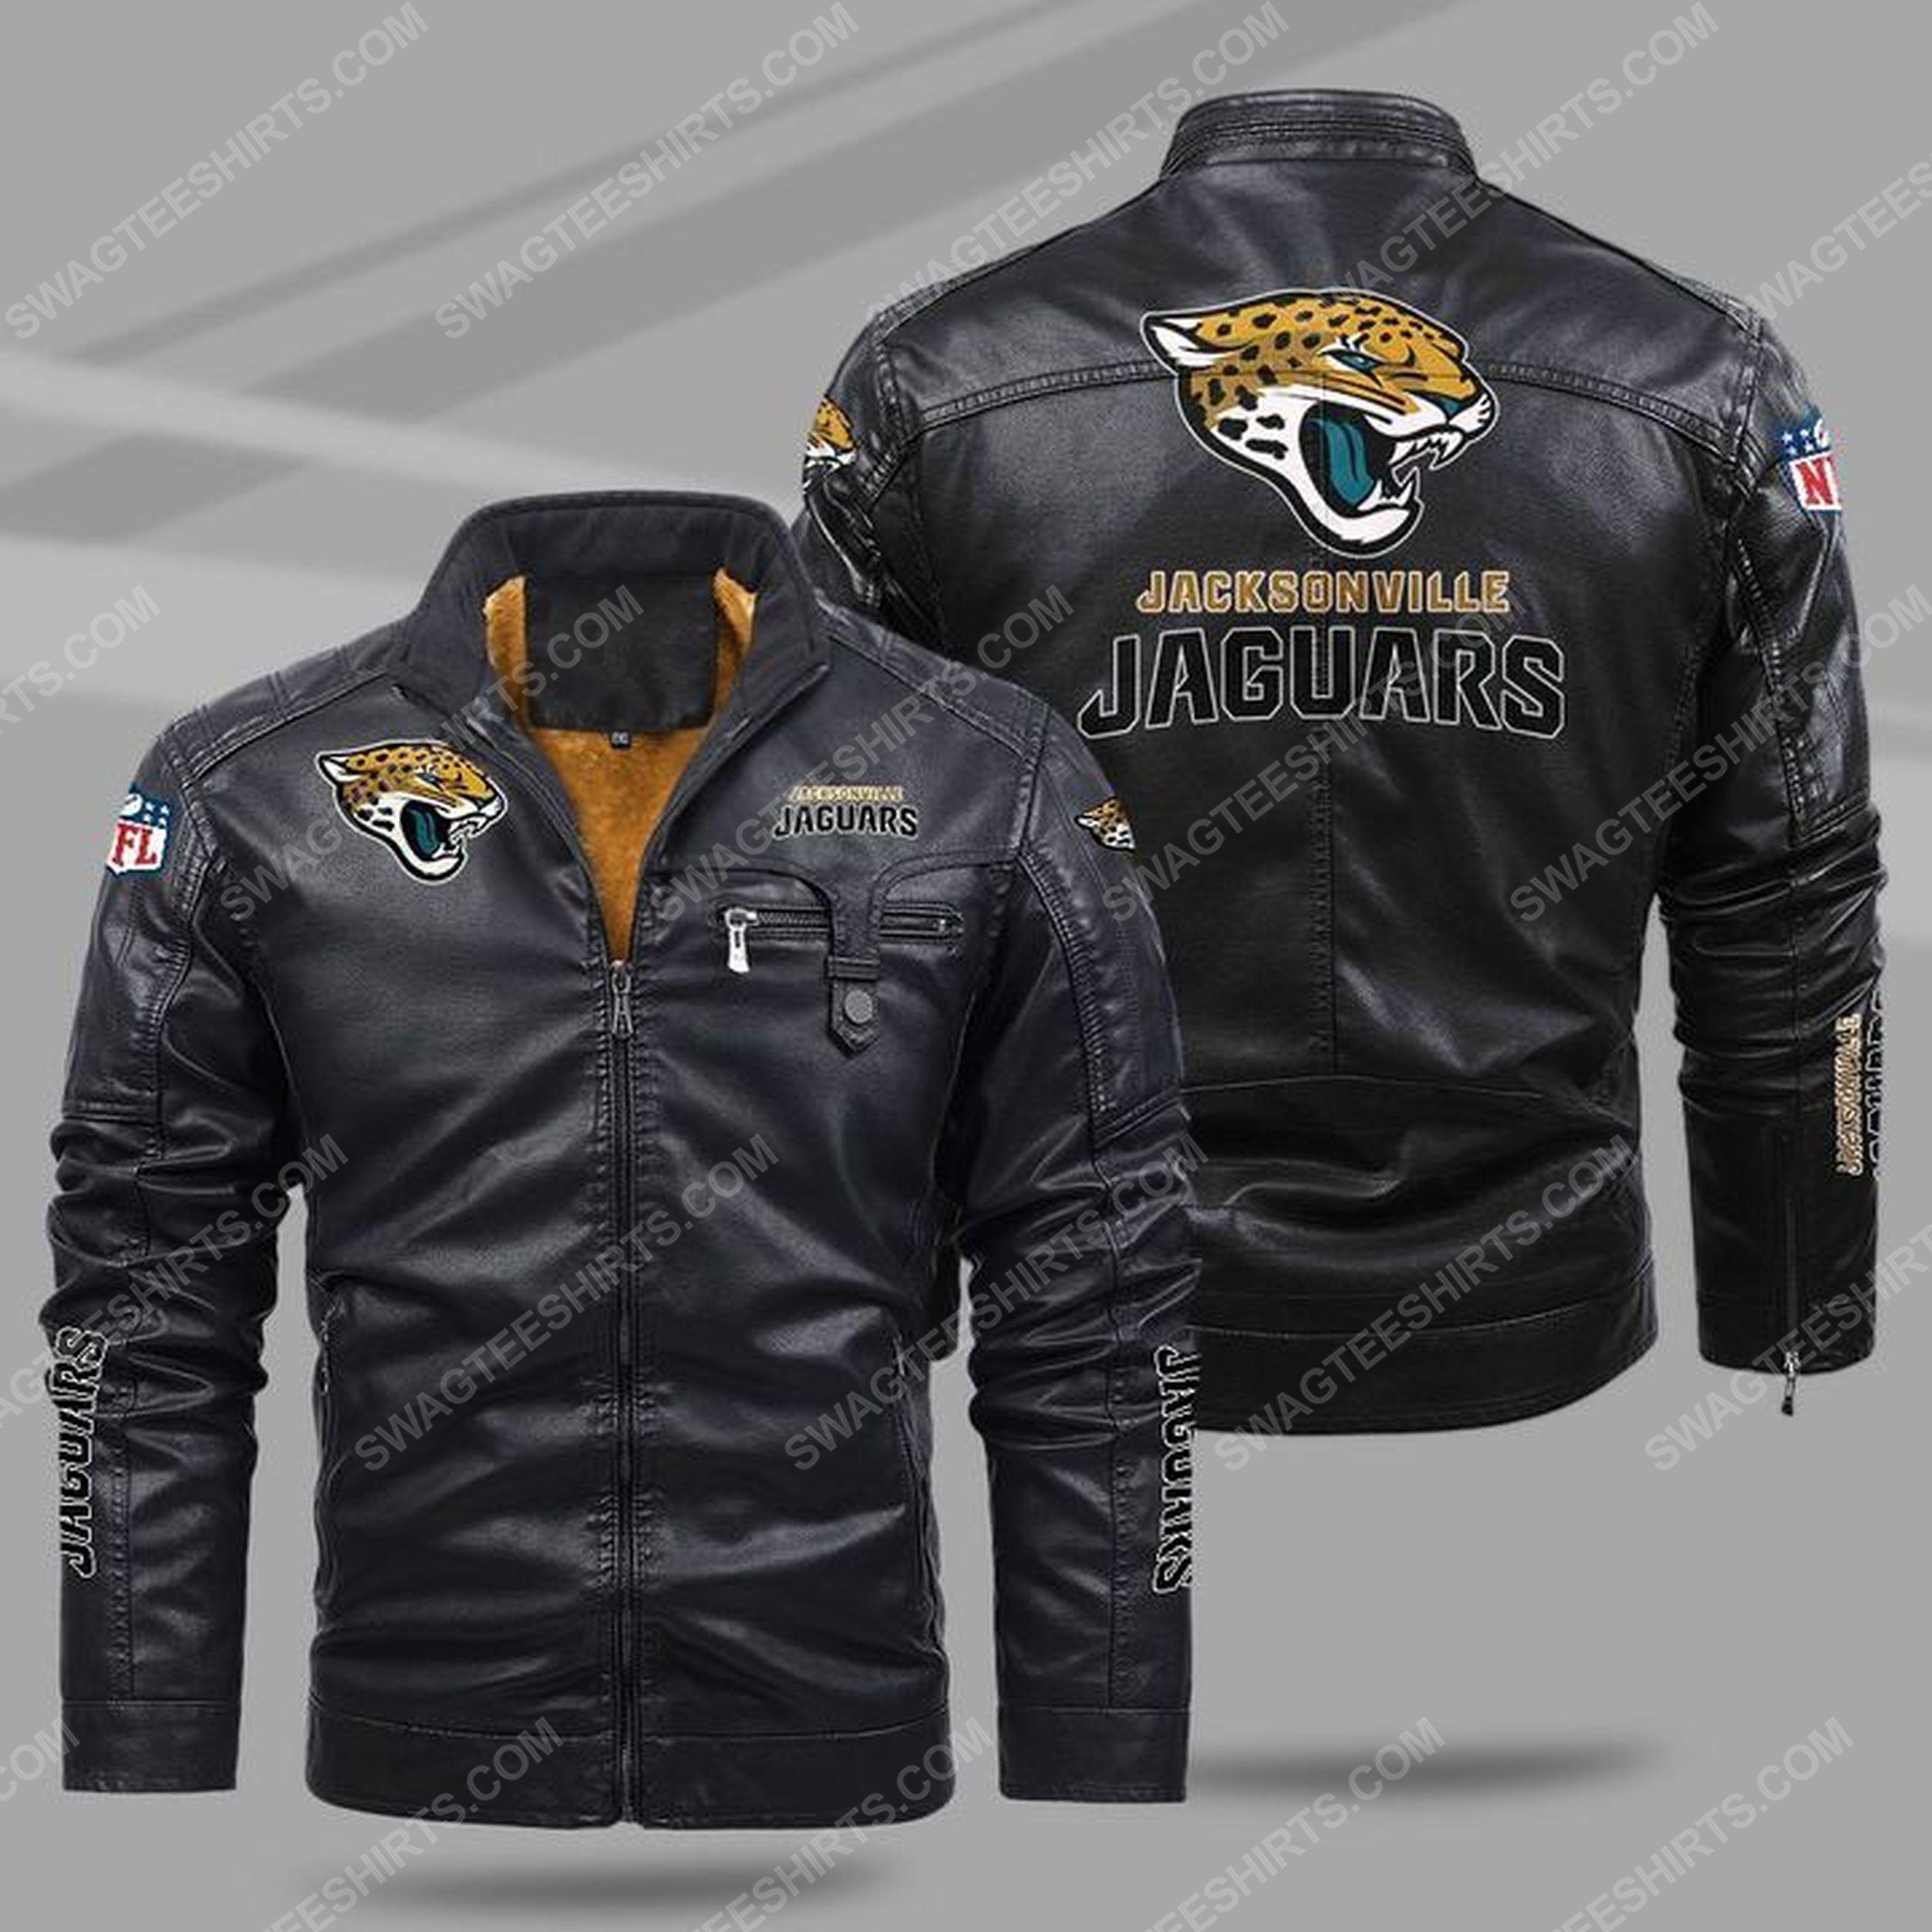 The jacksonville jaguars nfl all over print fleece leather jacket - black 1 - Copy